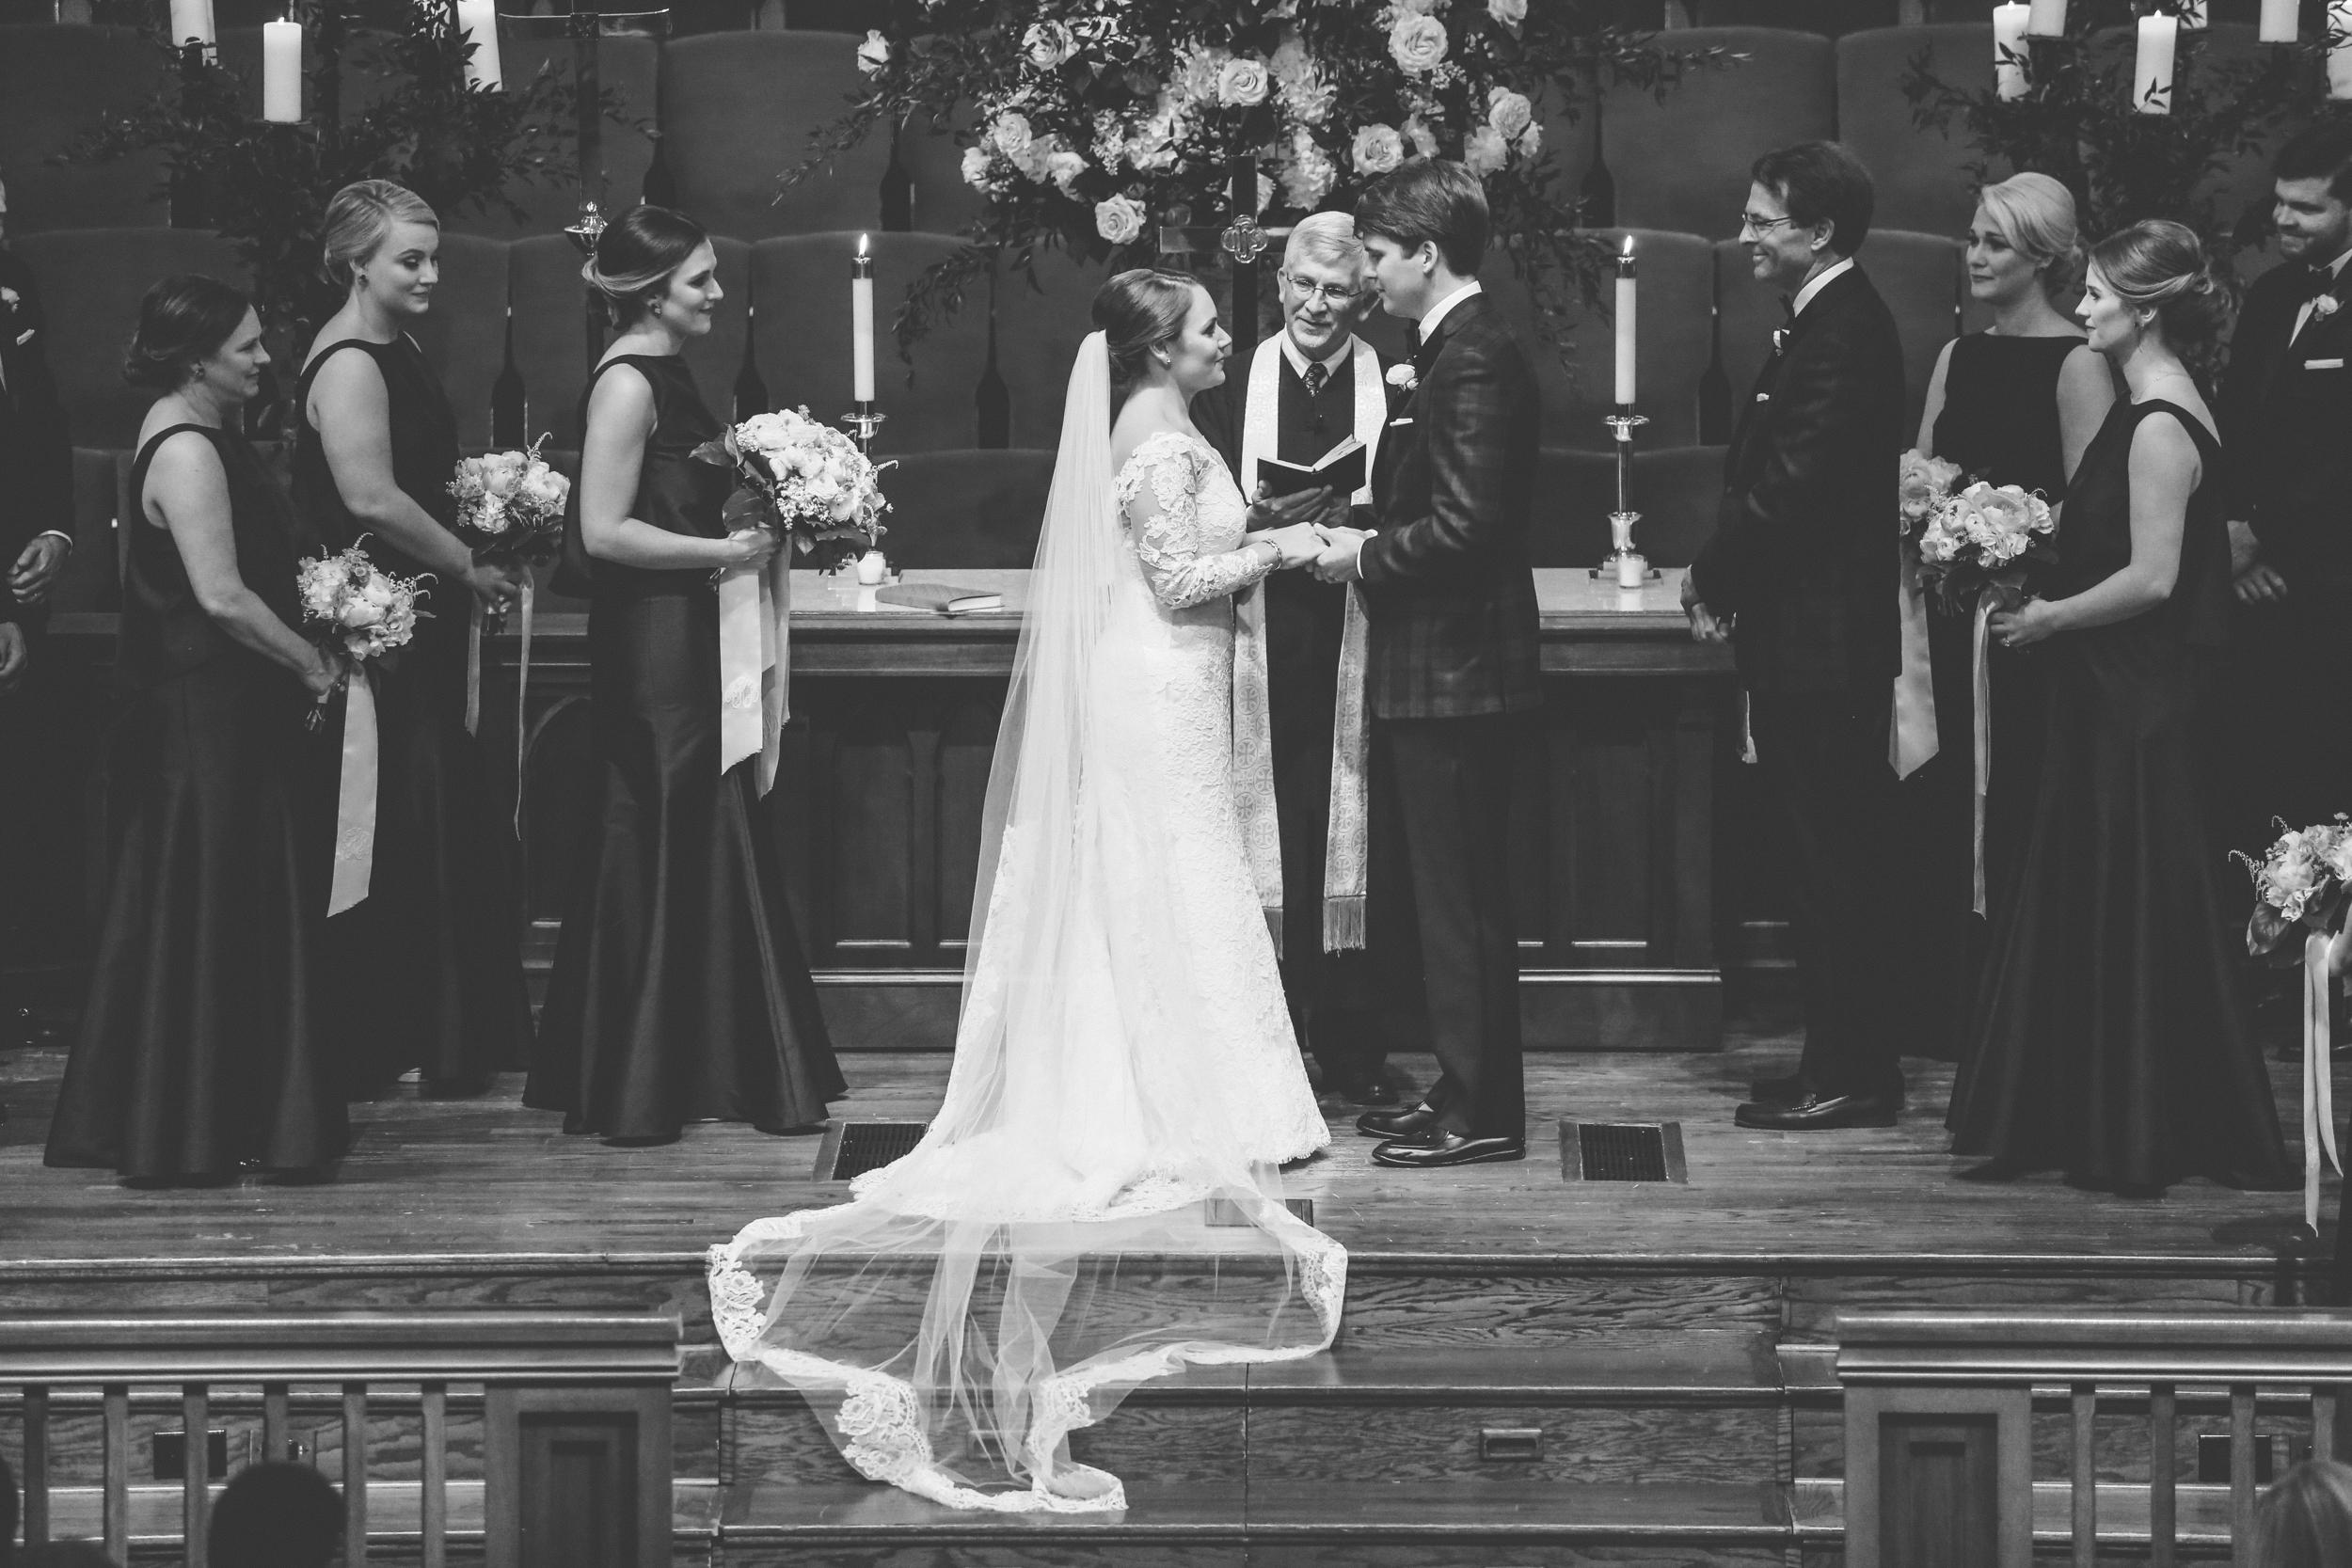 Kuhlke_wedding-572.jpg